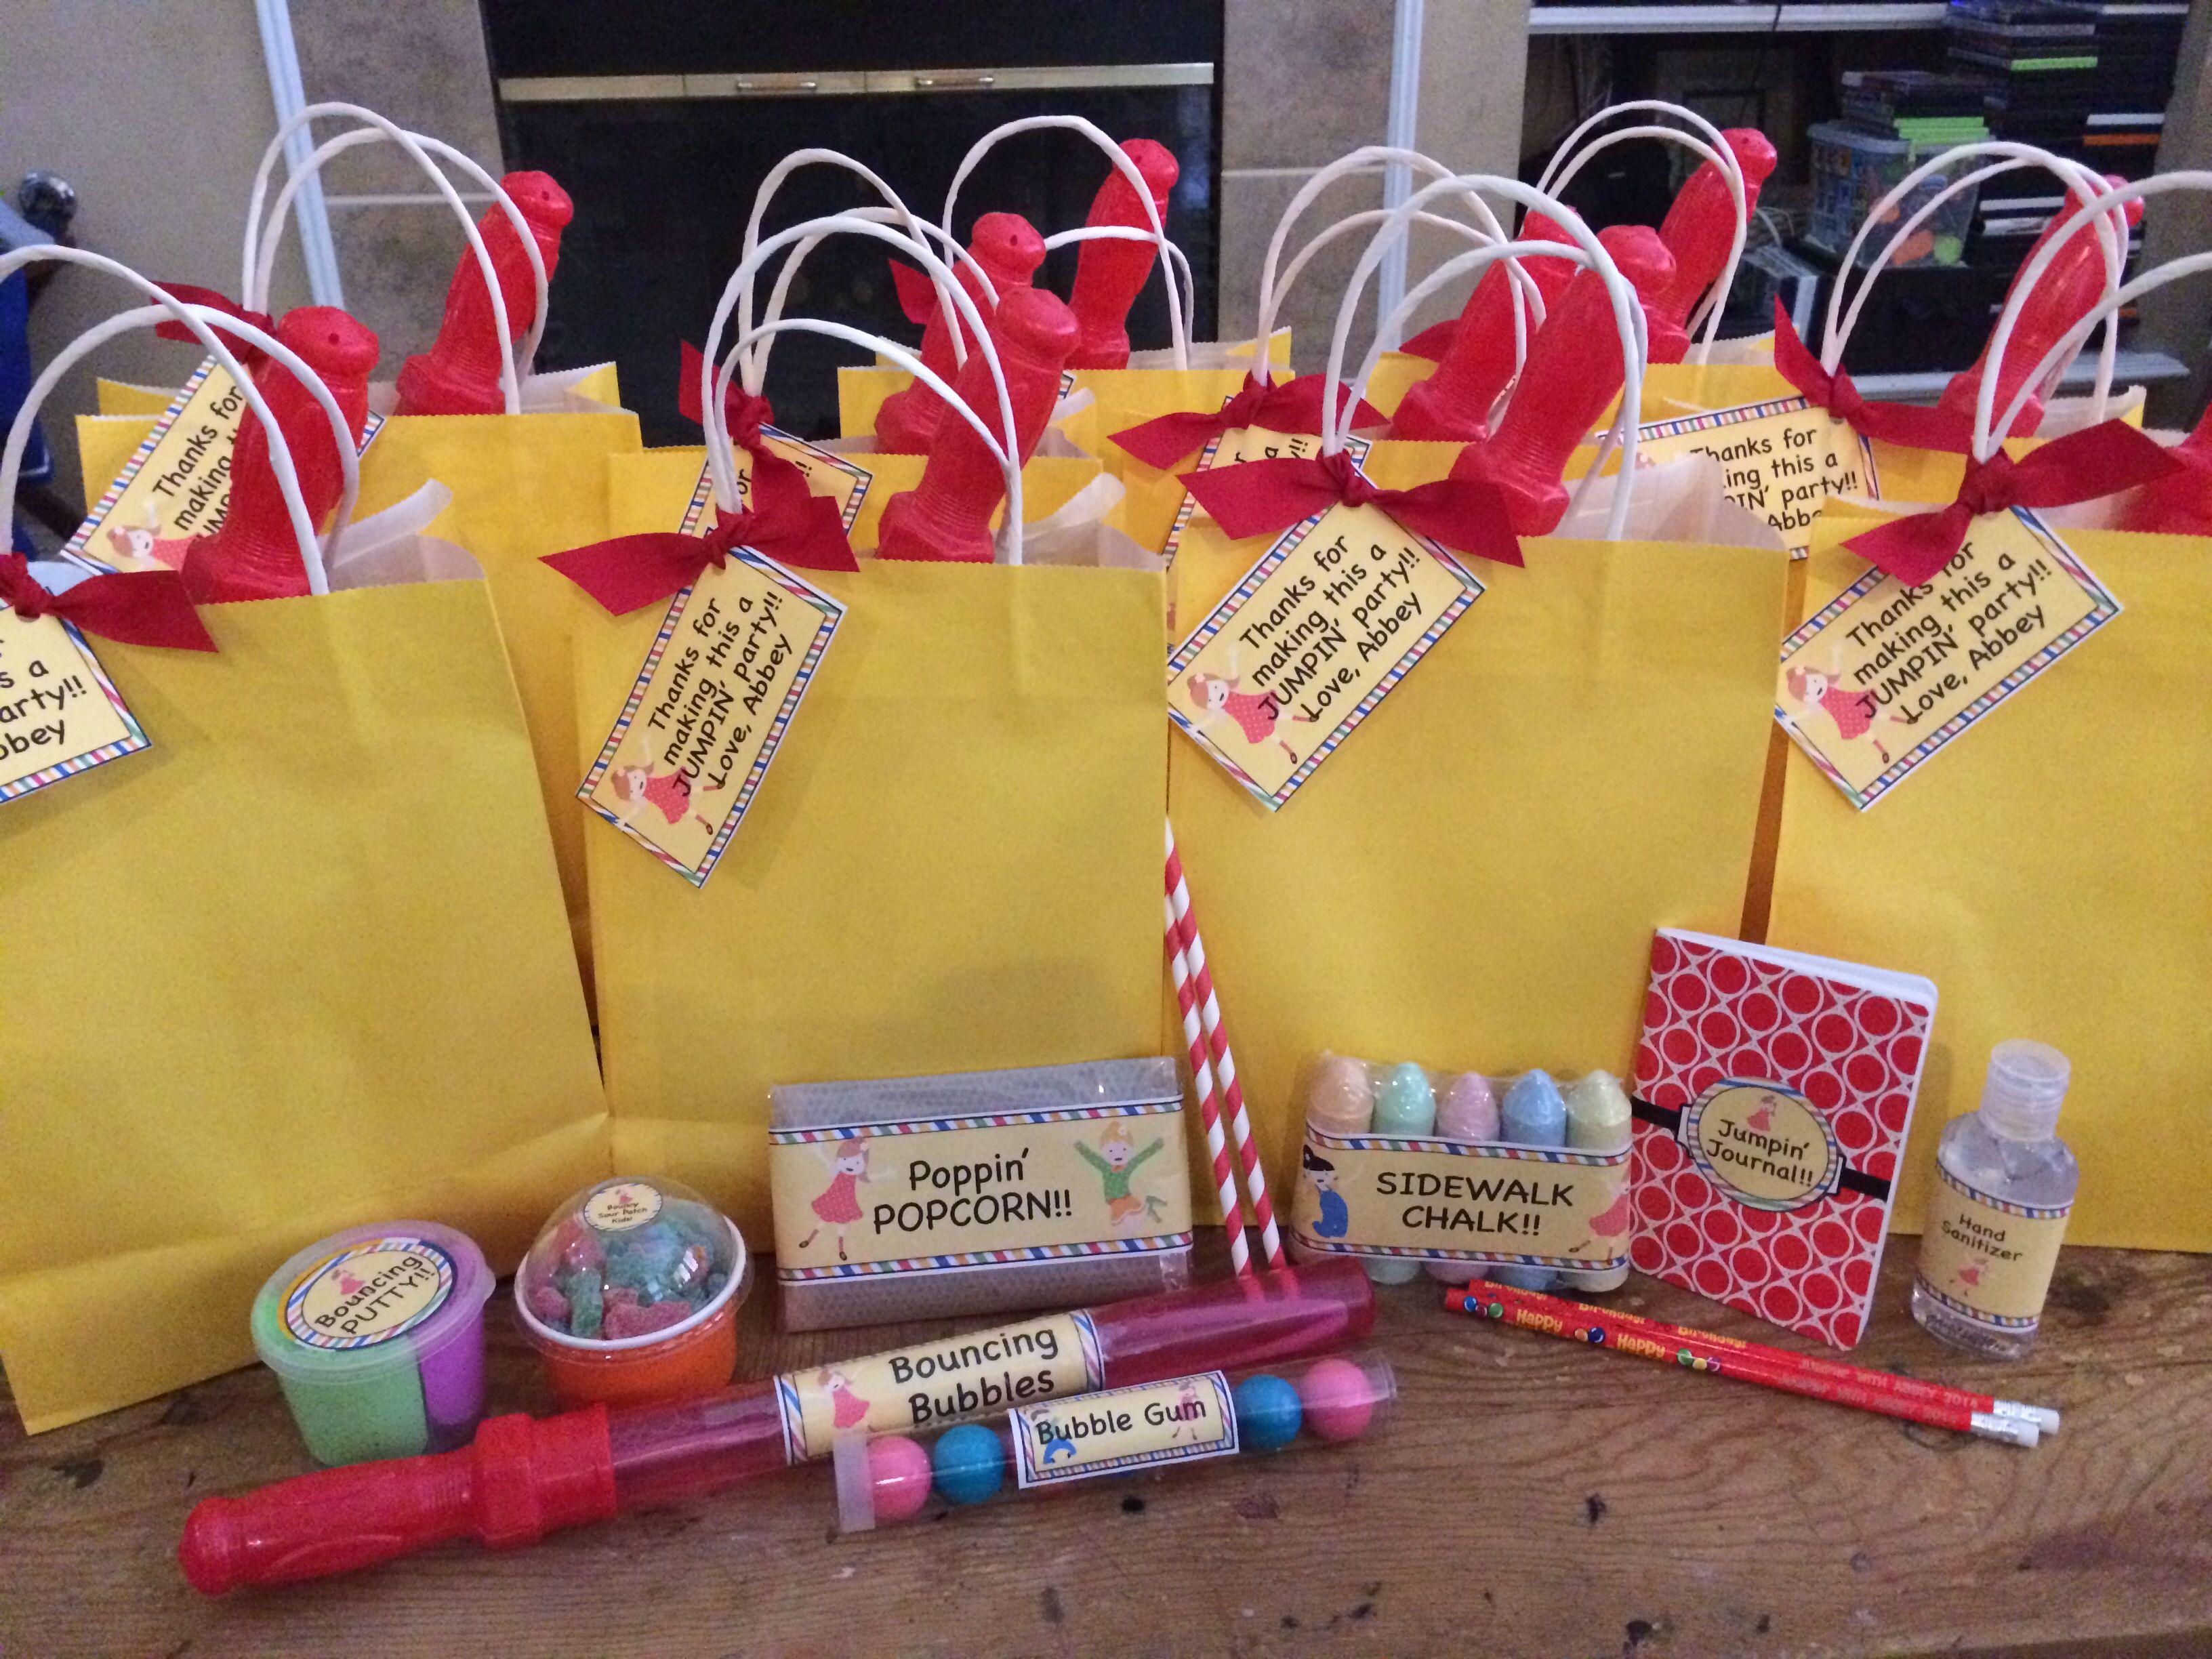 Trampoline Party Favor Bags Idea Bubbles Bubble Gum